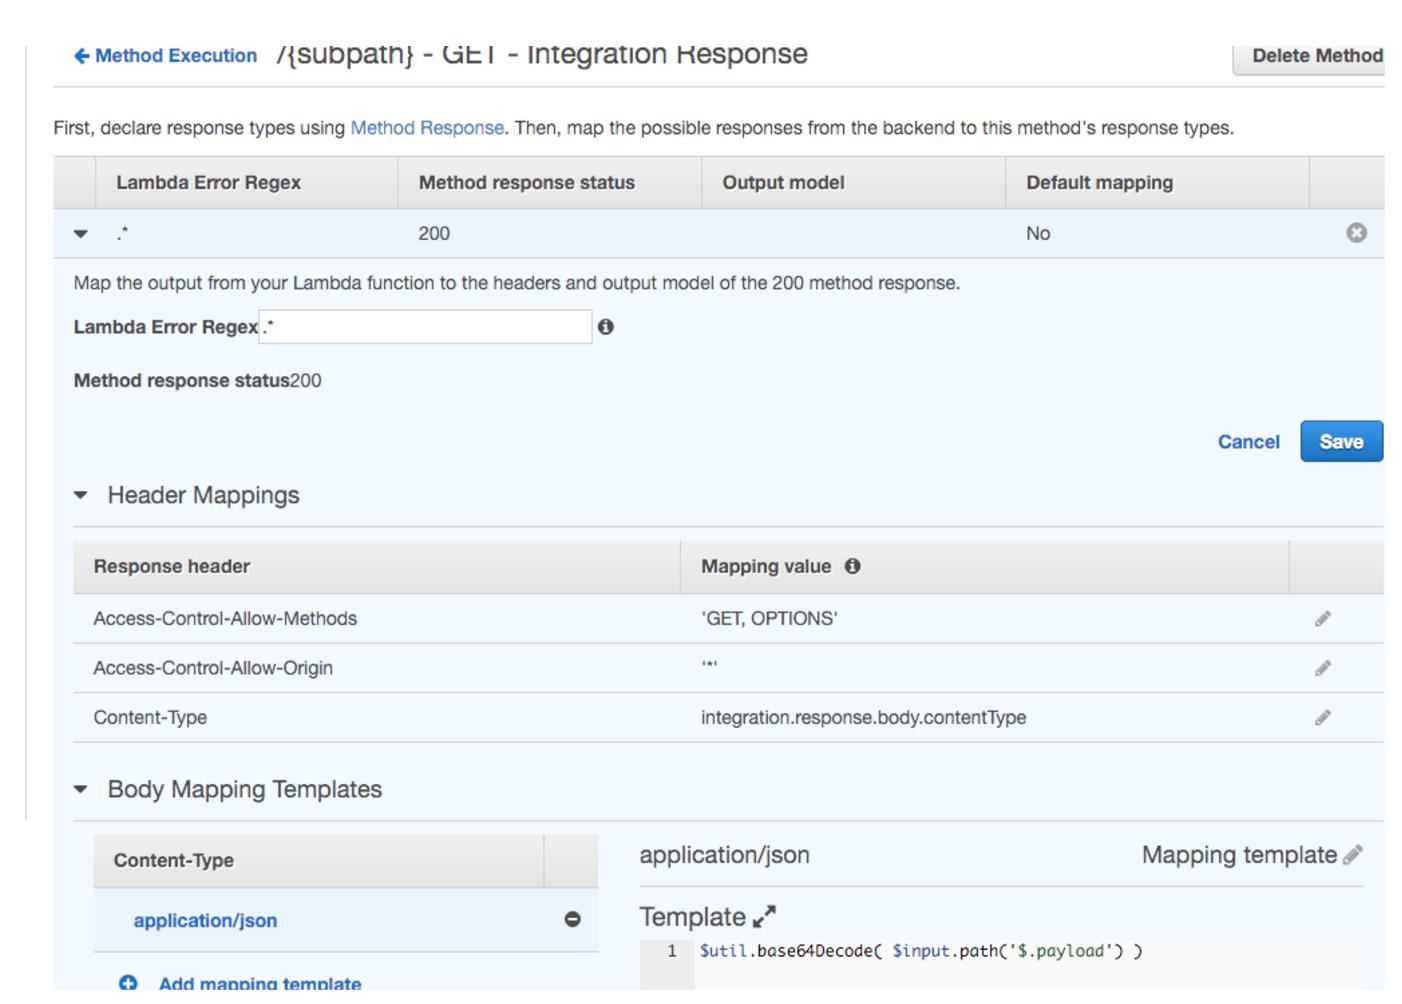 apigw-integration-response